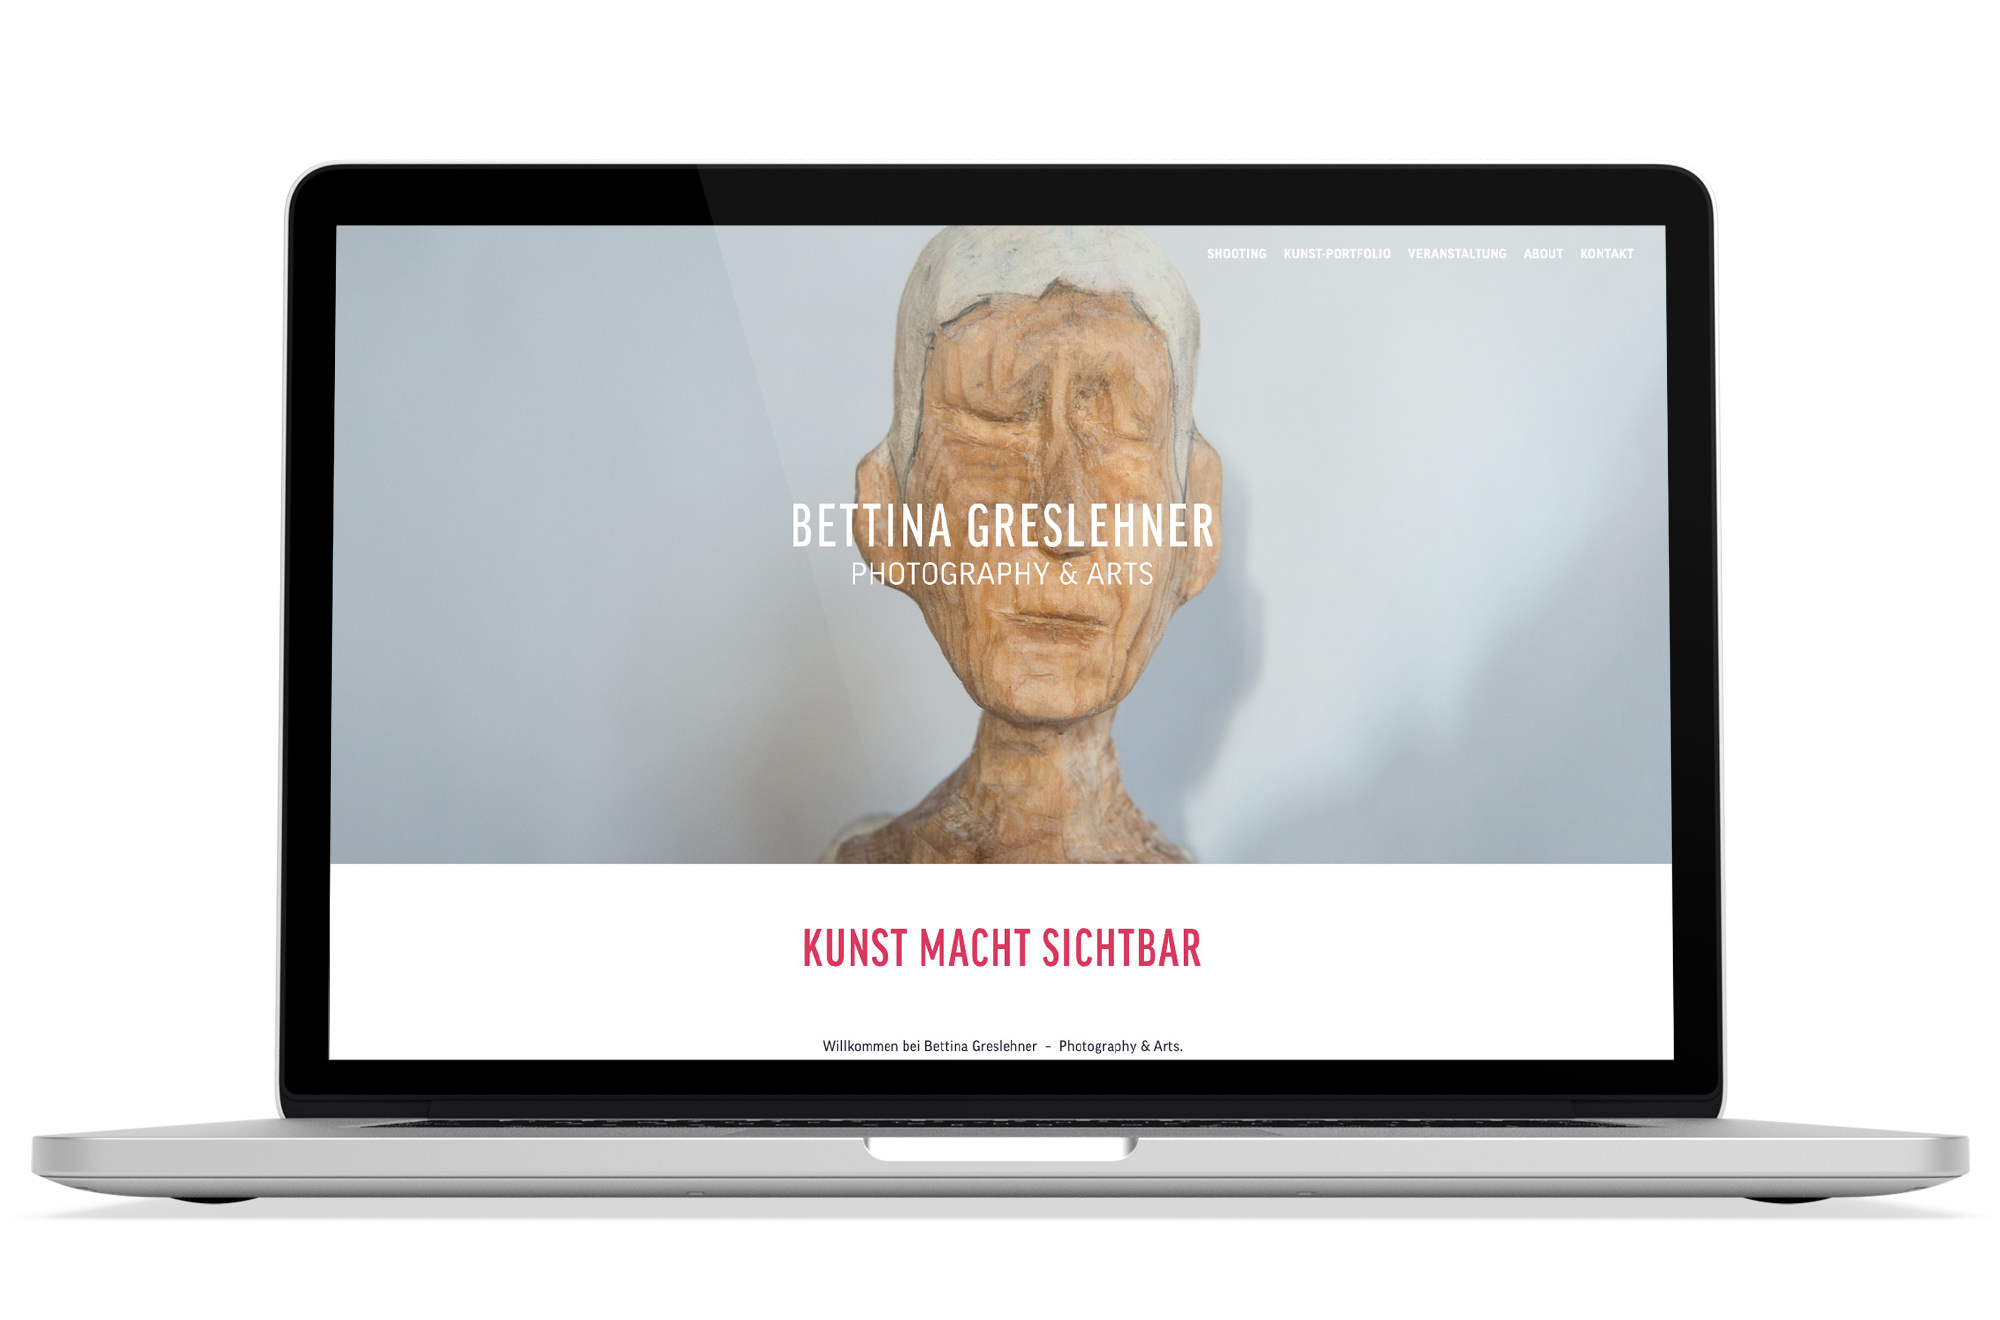 Responsive Webdesign Beispiel: Neue mobile Webseite für Fotografin / Künstlerin